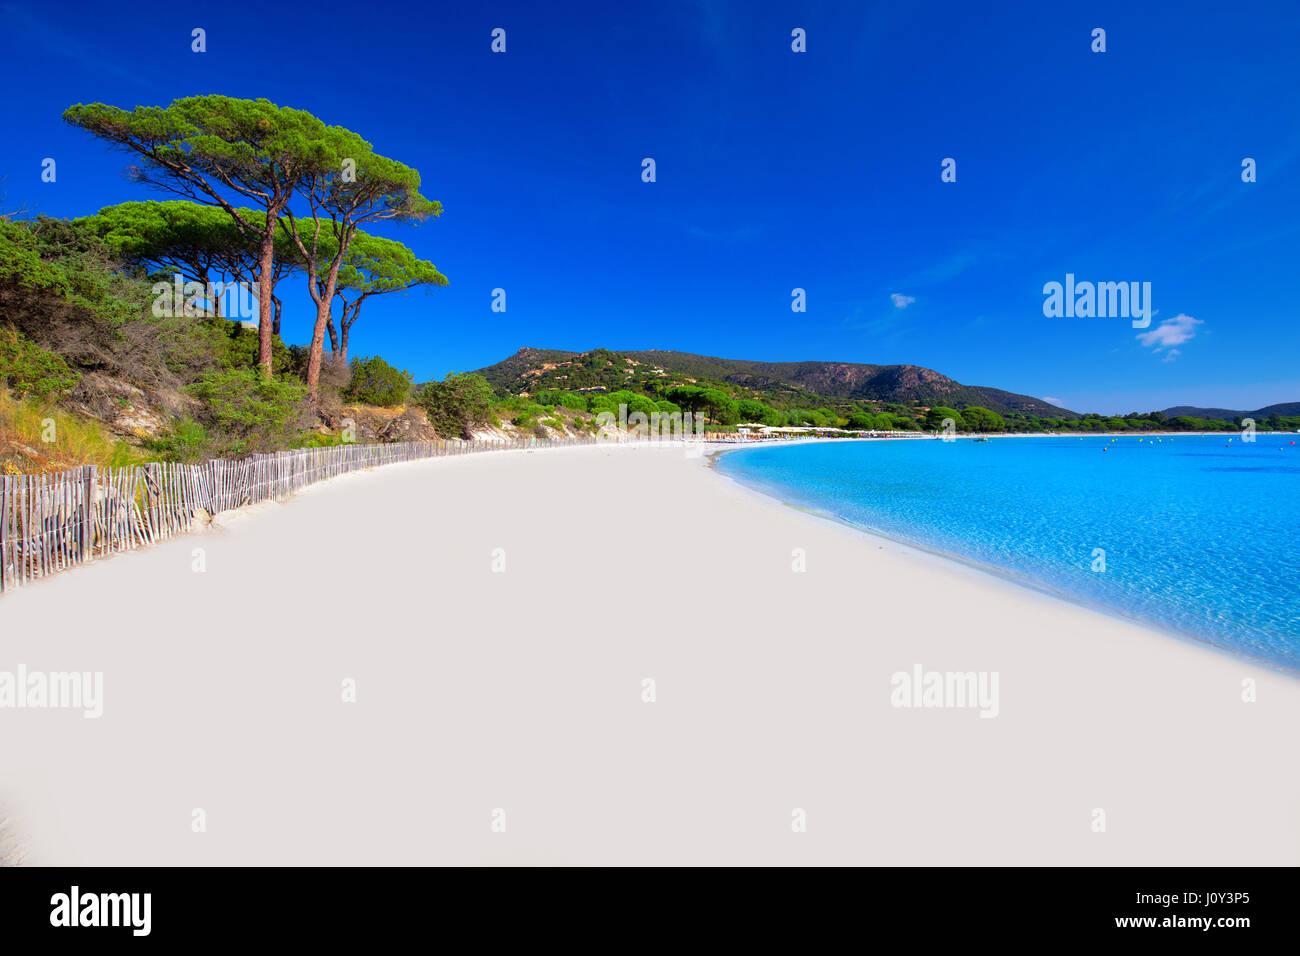 Playa de Palombaggia con pinos y claras aguas azules, Córcega, Francia, Europa. Foto de stock